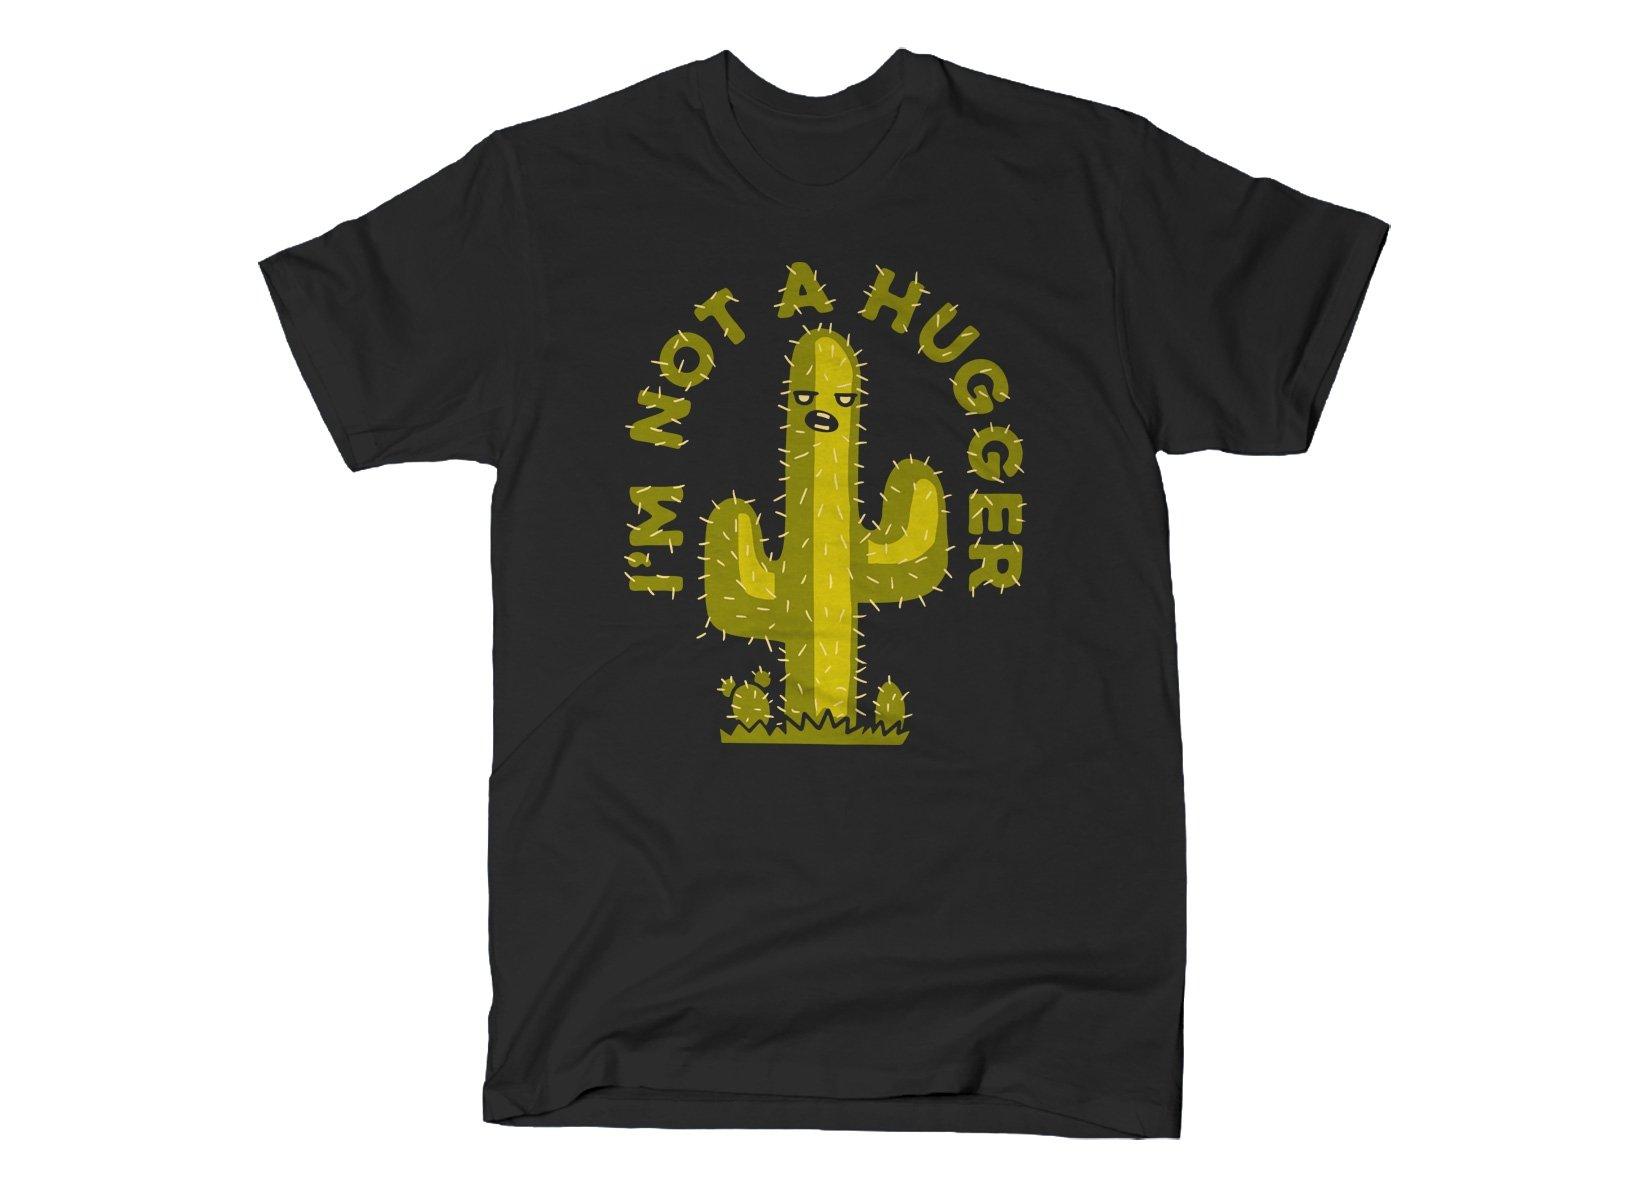 I'm Not A Hugger on Mens T-Shirt